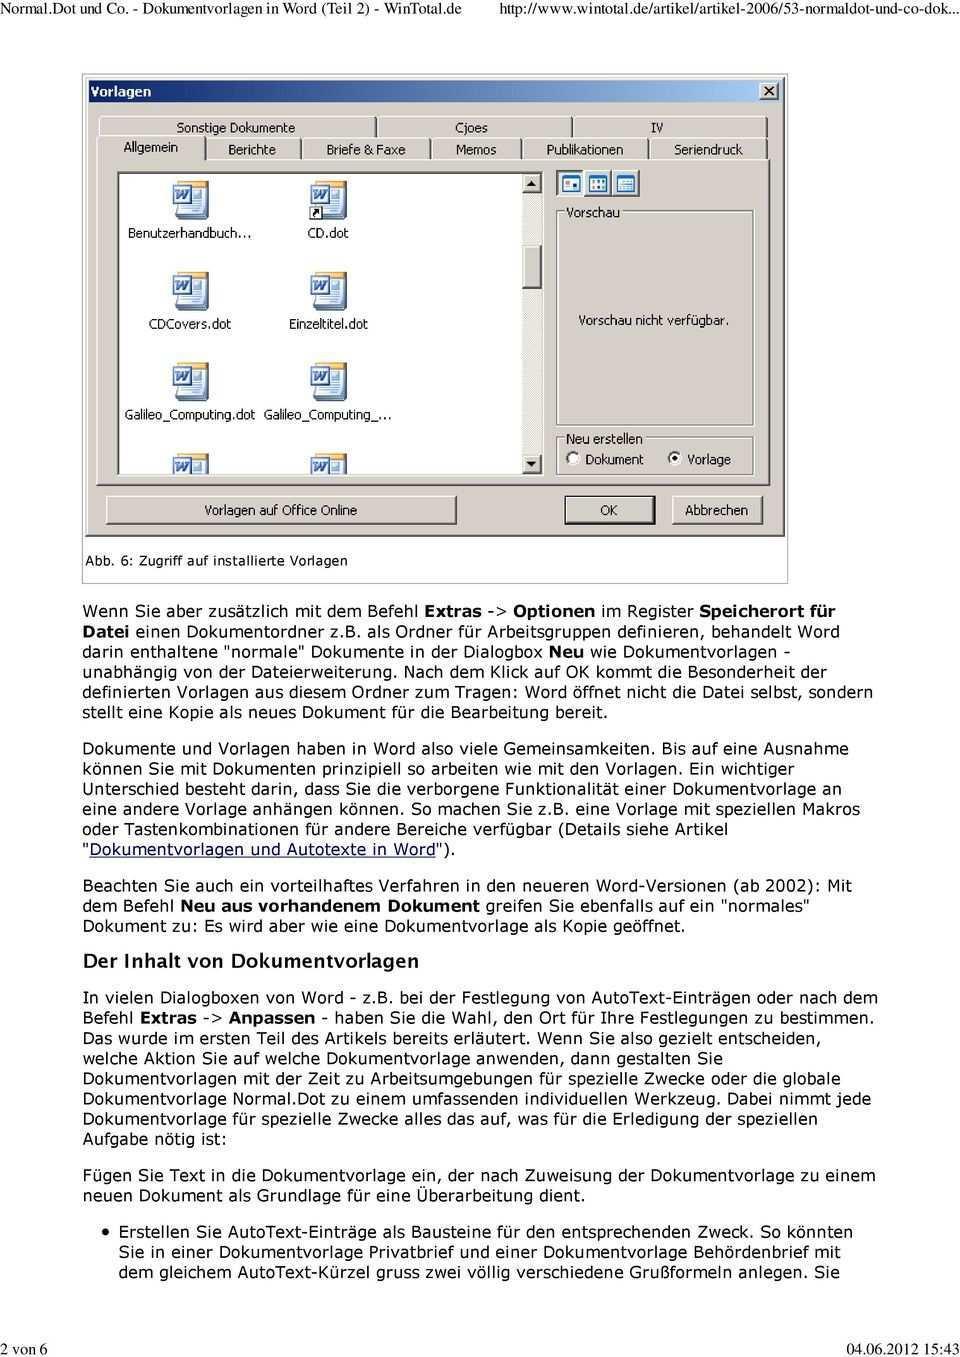 Normal Dot Und Co Dokumentvorlagen In Word Teil 2 Pdf Free Download